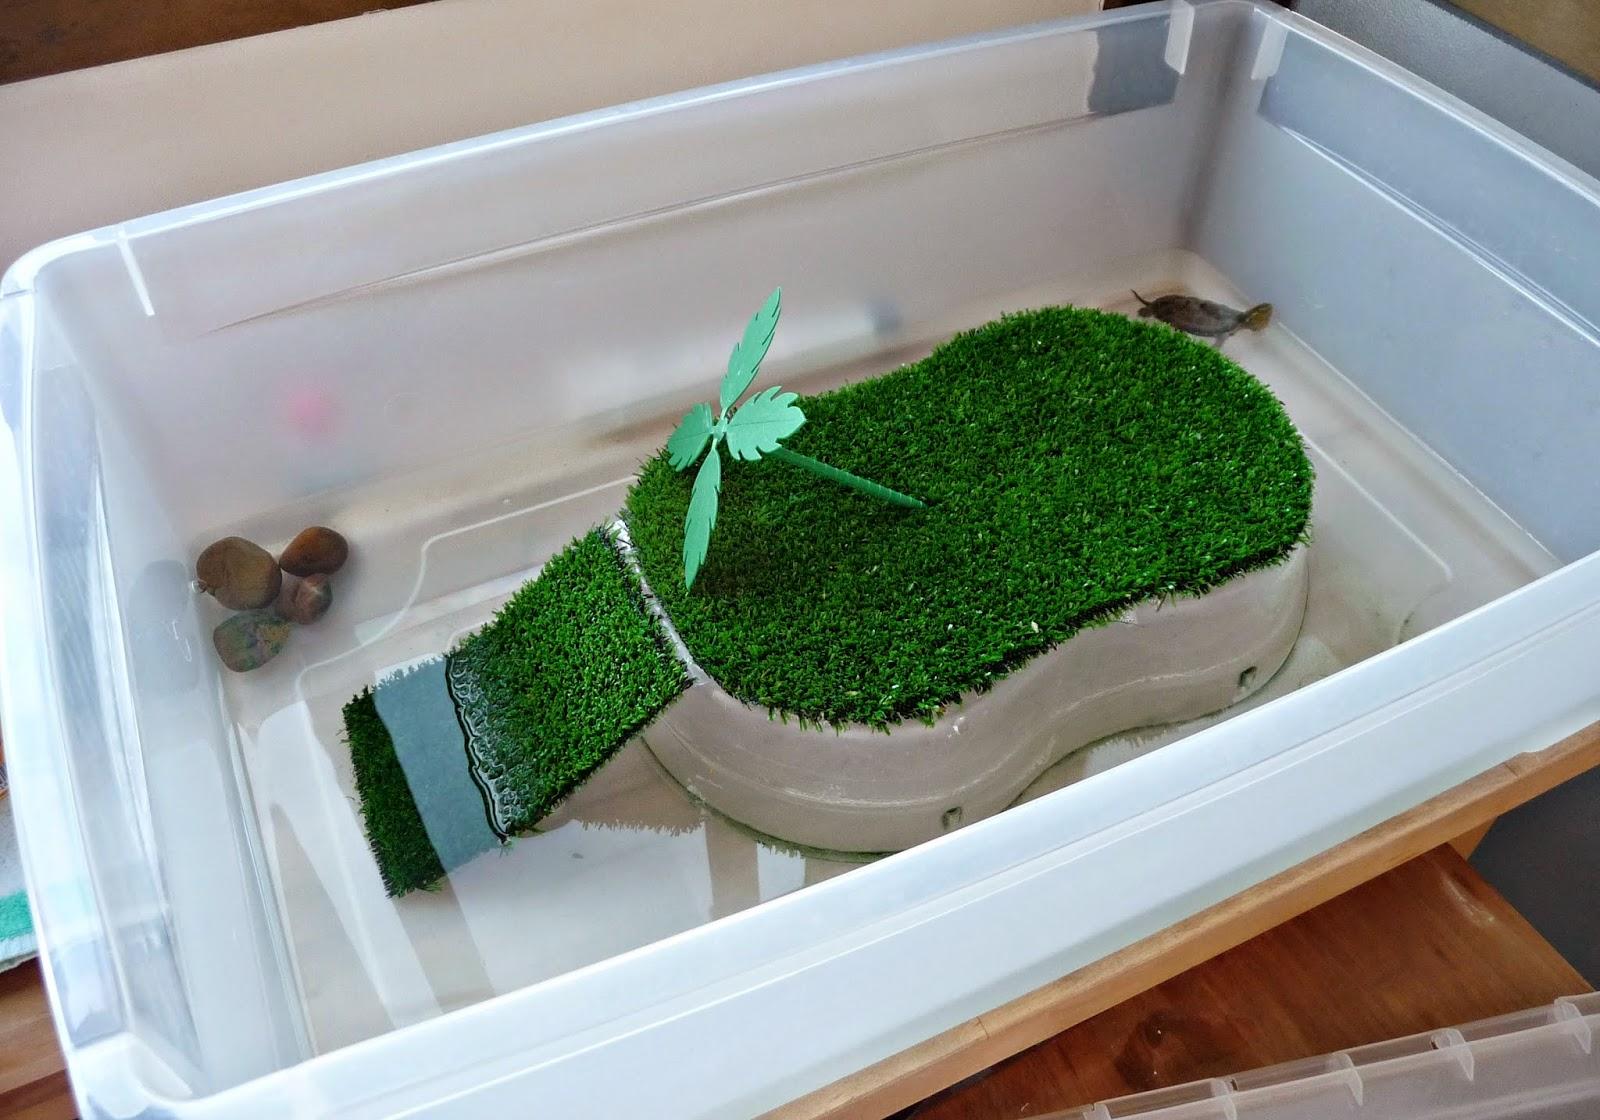 Envuelta en crema diy fabrica un tortuguero de forma for Imagenes de estanques caseros